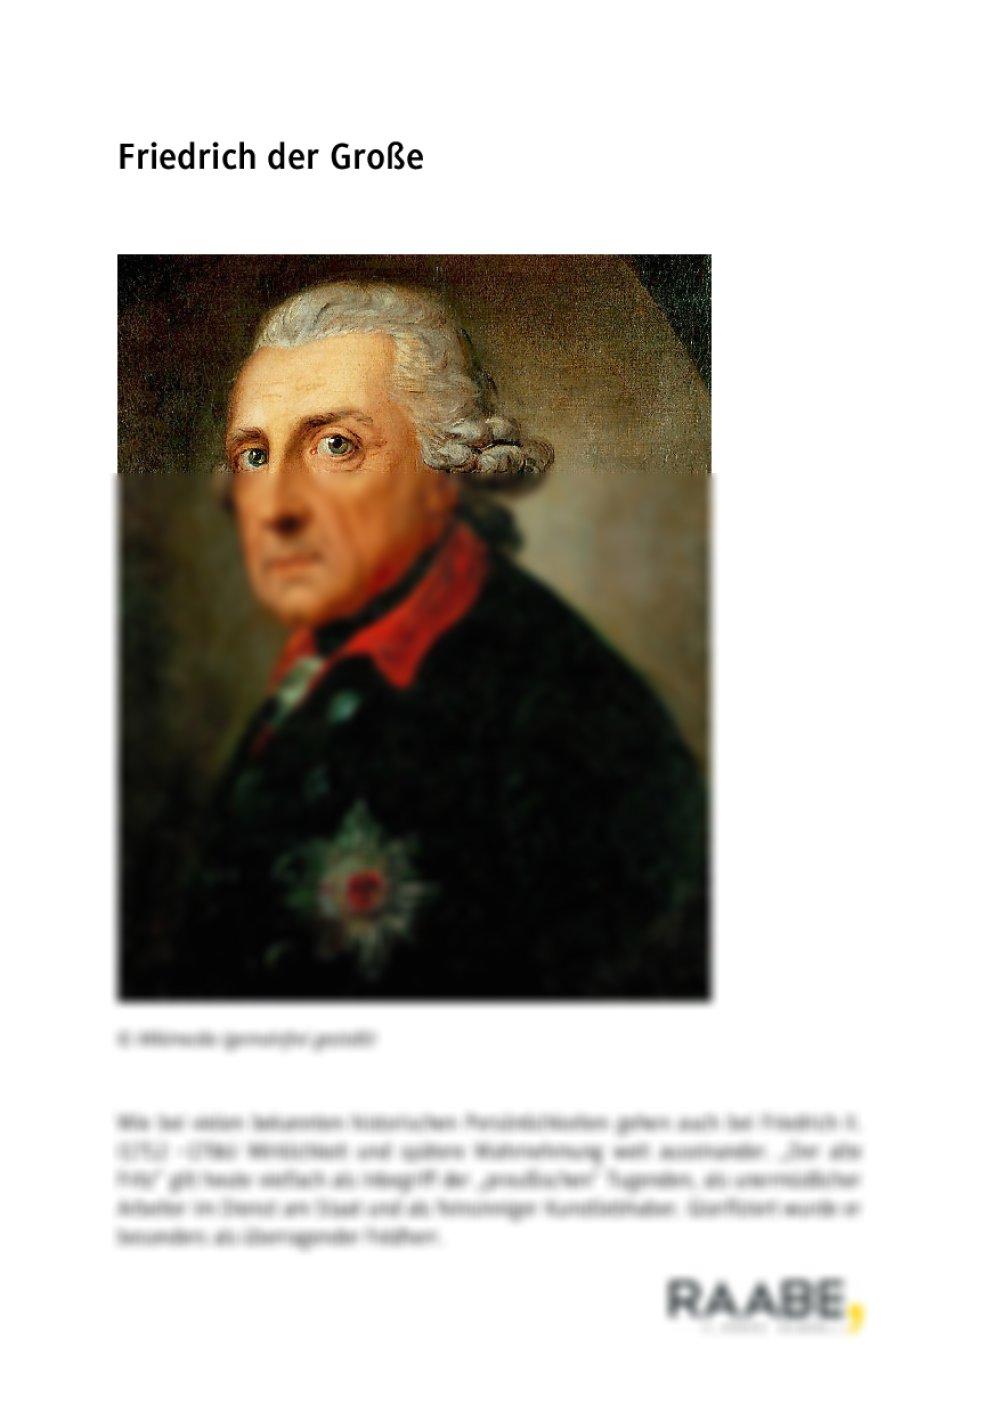 Friedrich der Große - Seite 1